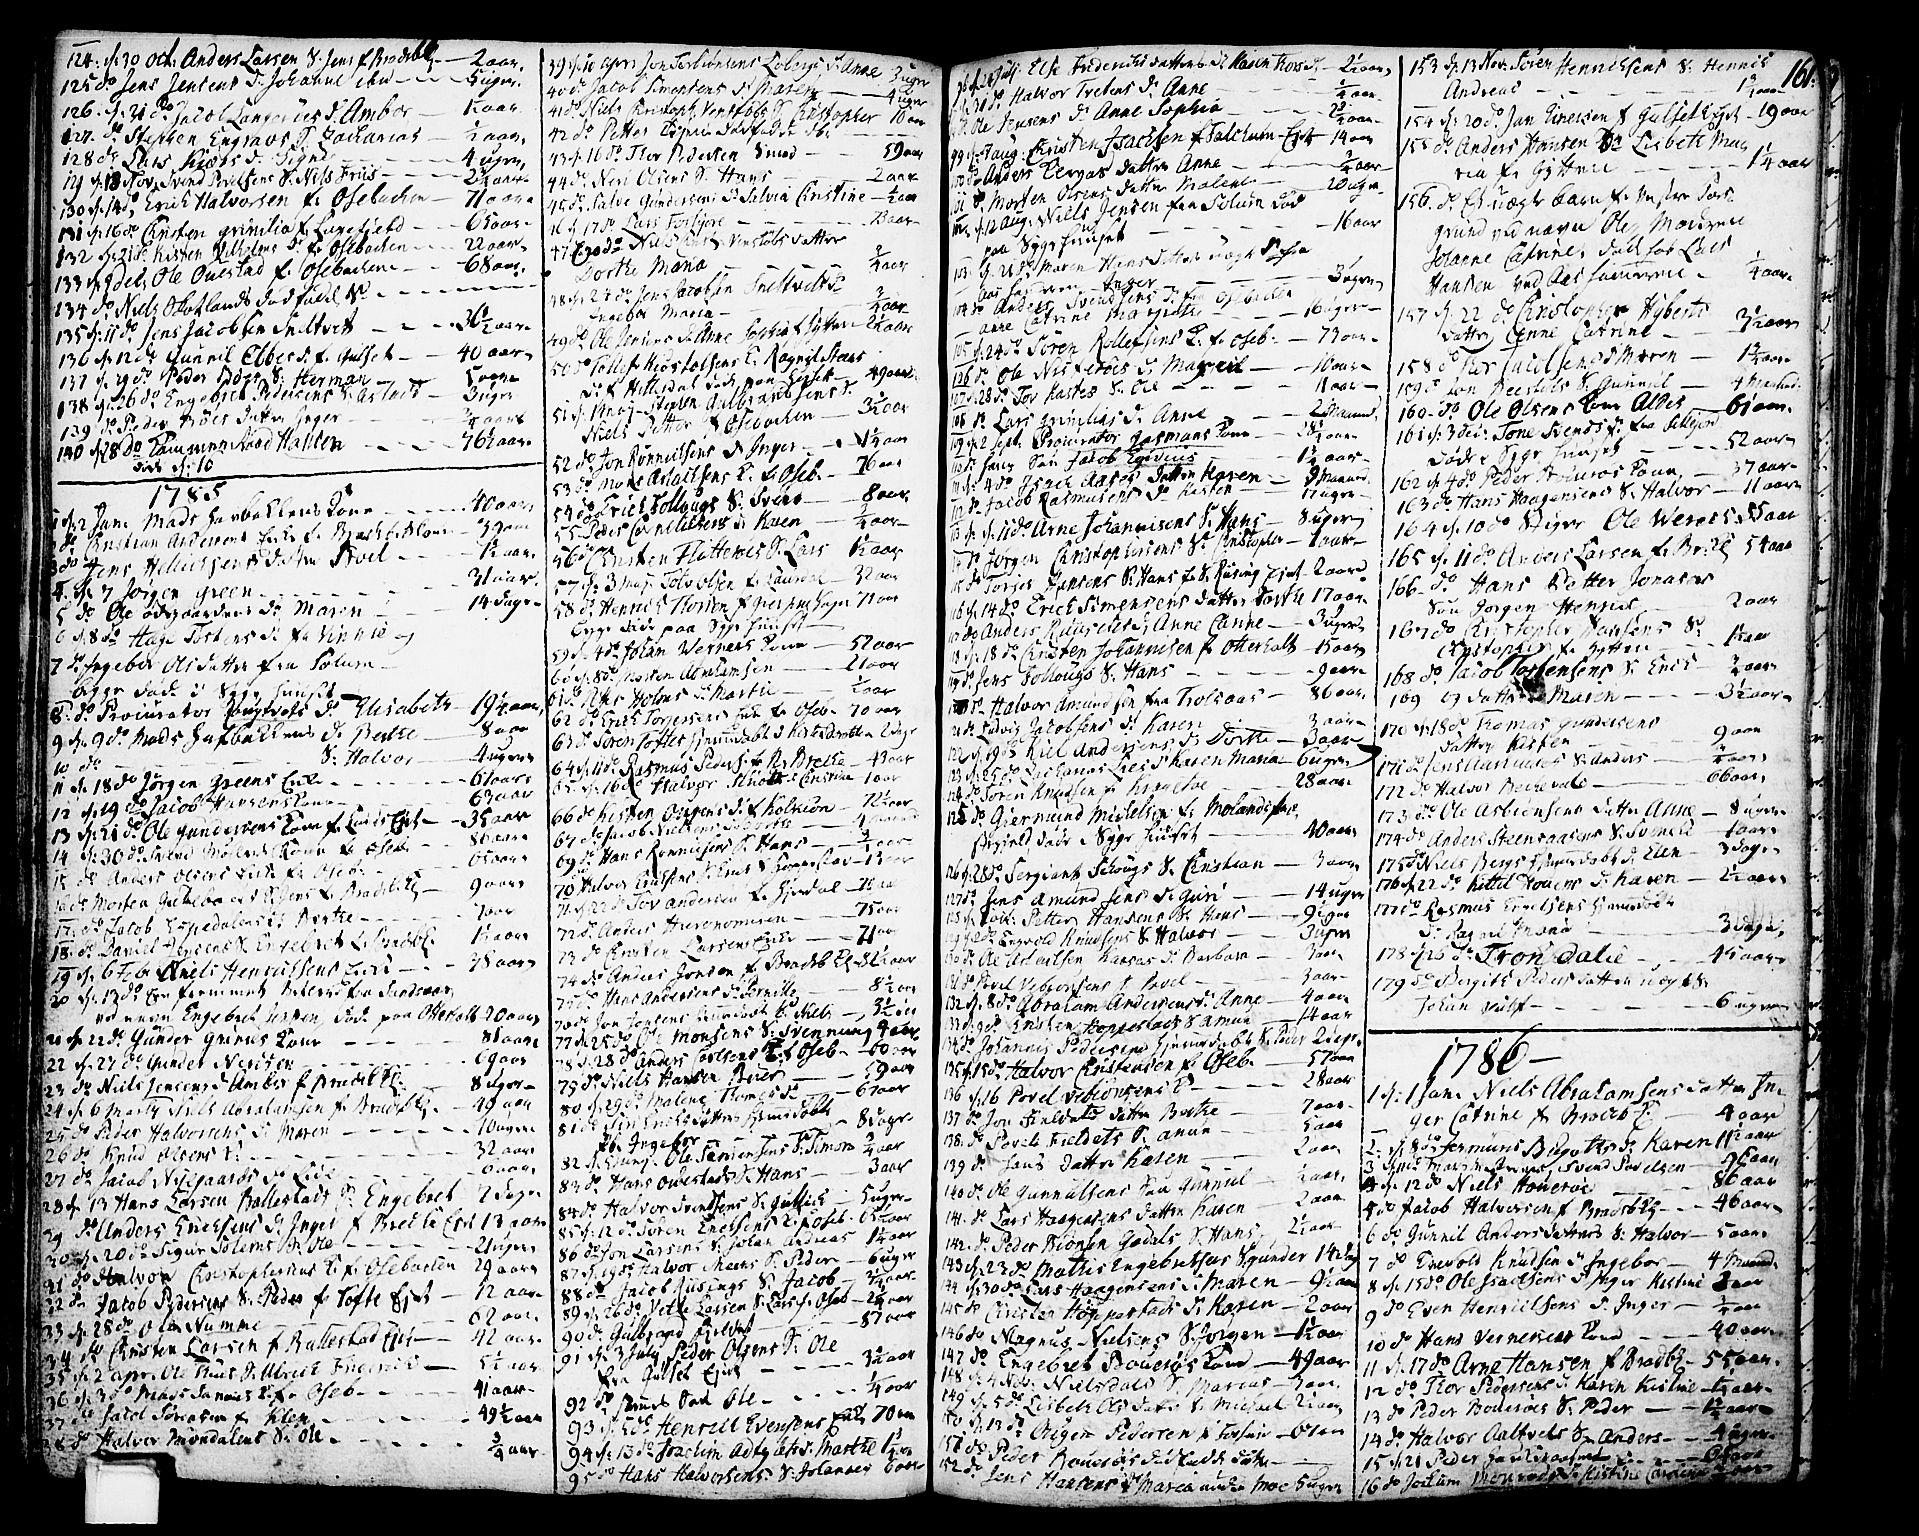 SAKO, Gjerpen kirkebøker, F/Fa/L0002: Ministerialbok nr. 2, 1747-1795, s. 161